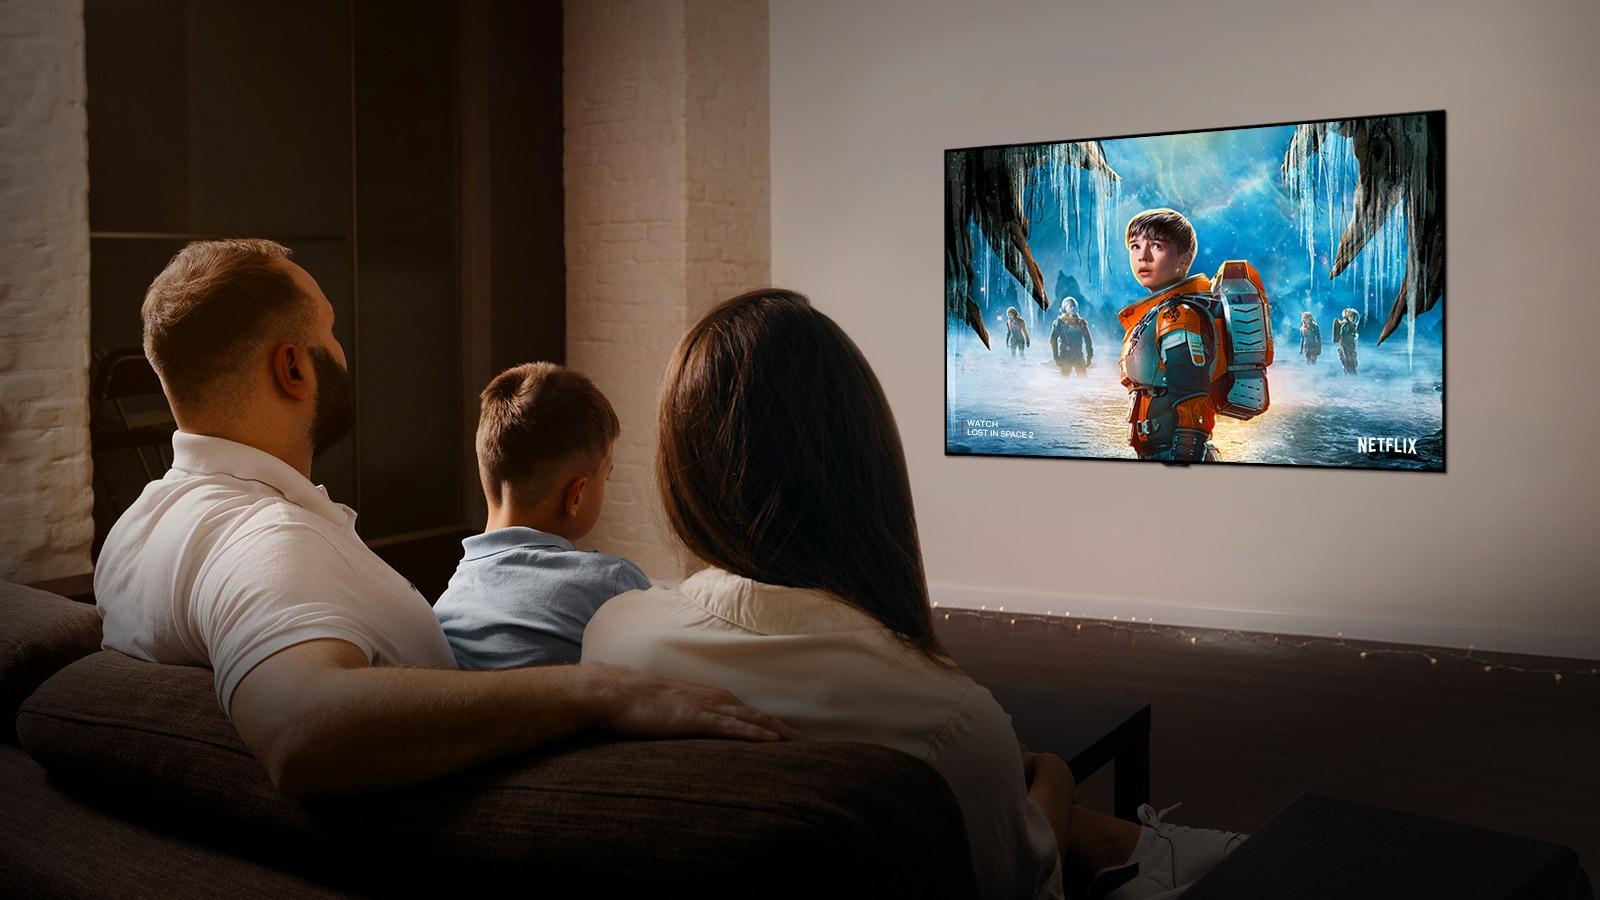 Идеальное свечение делает дом лучшим кинотеатром1